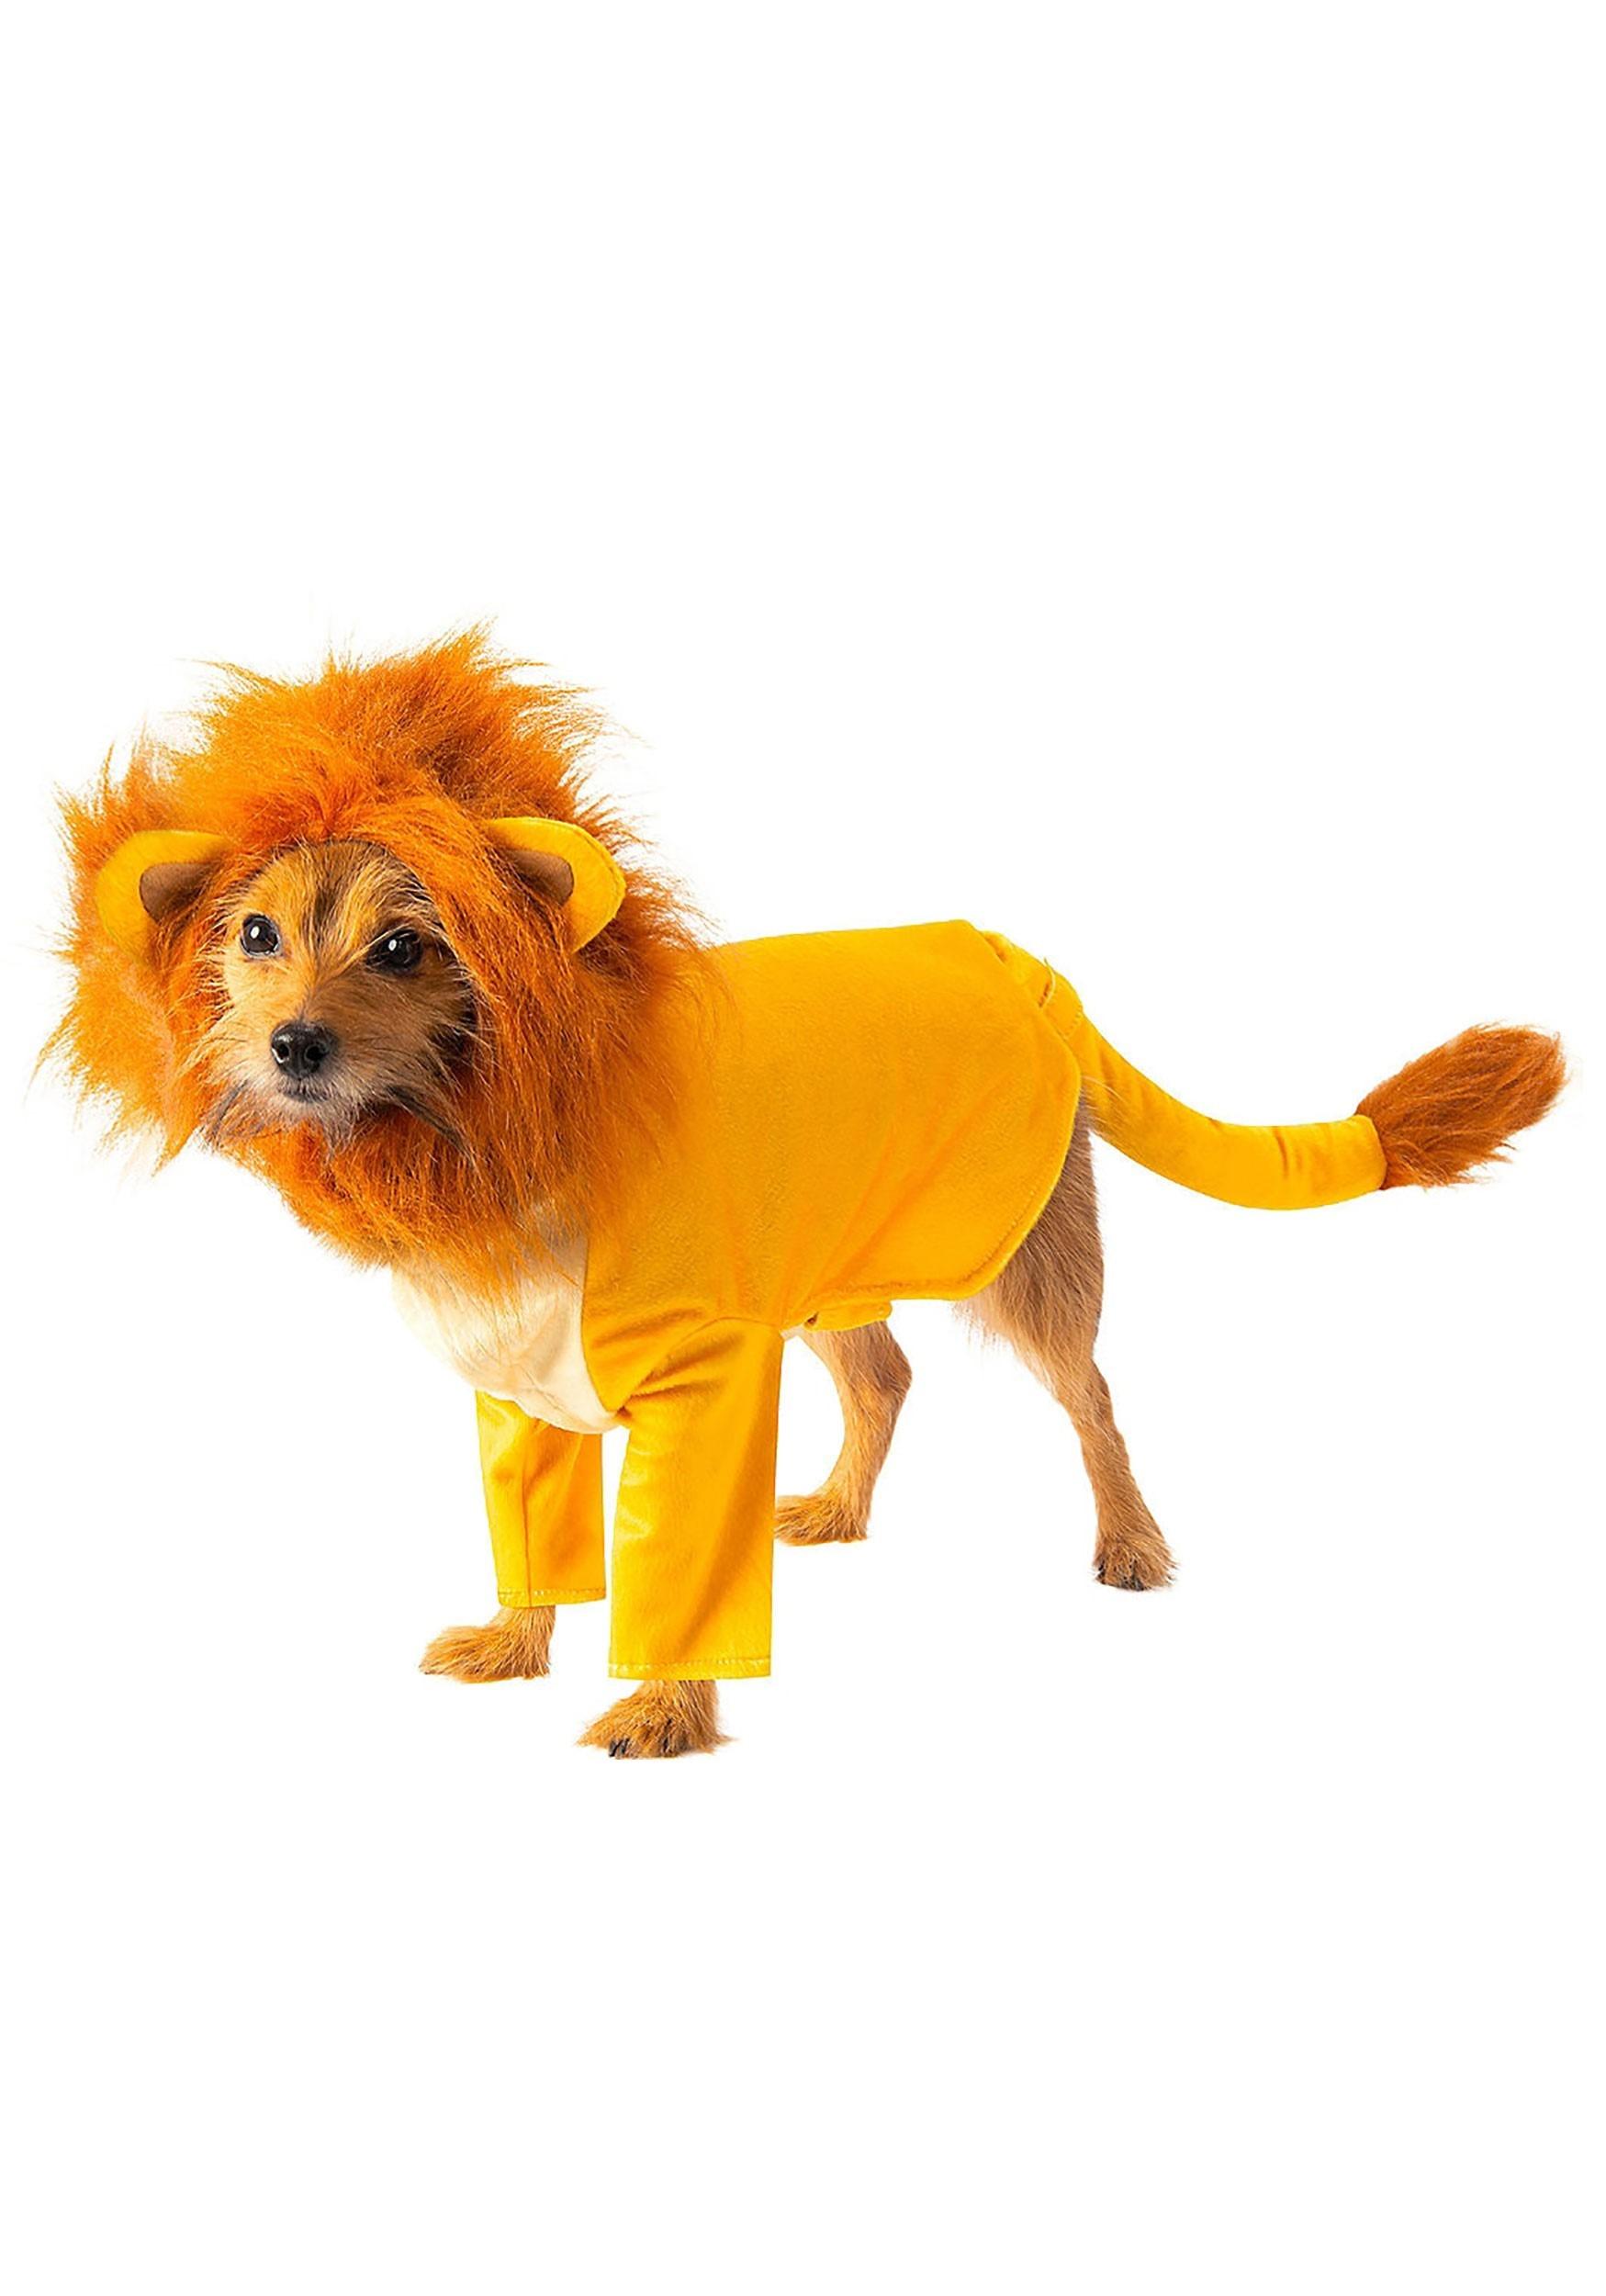 Simba The Lion King Dog Costume